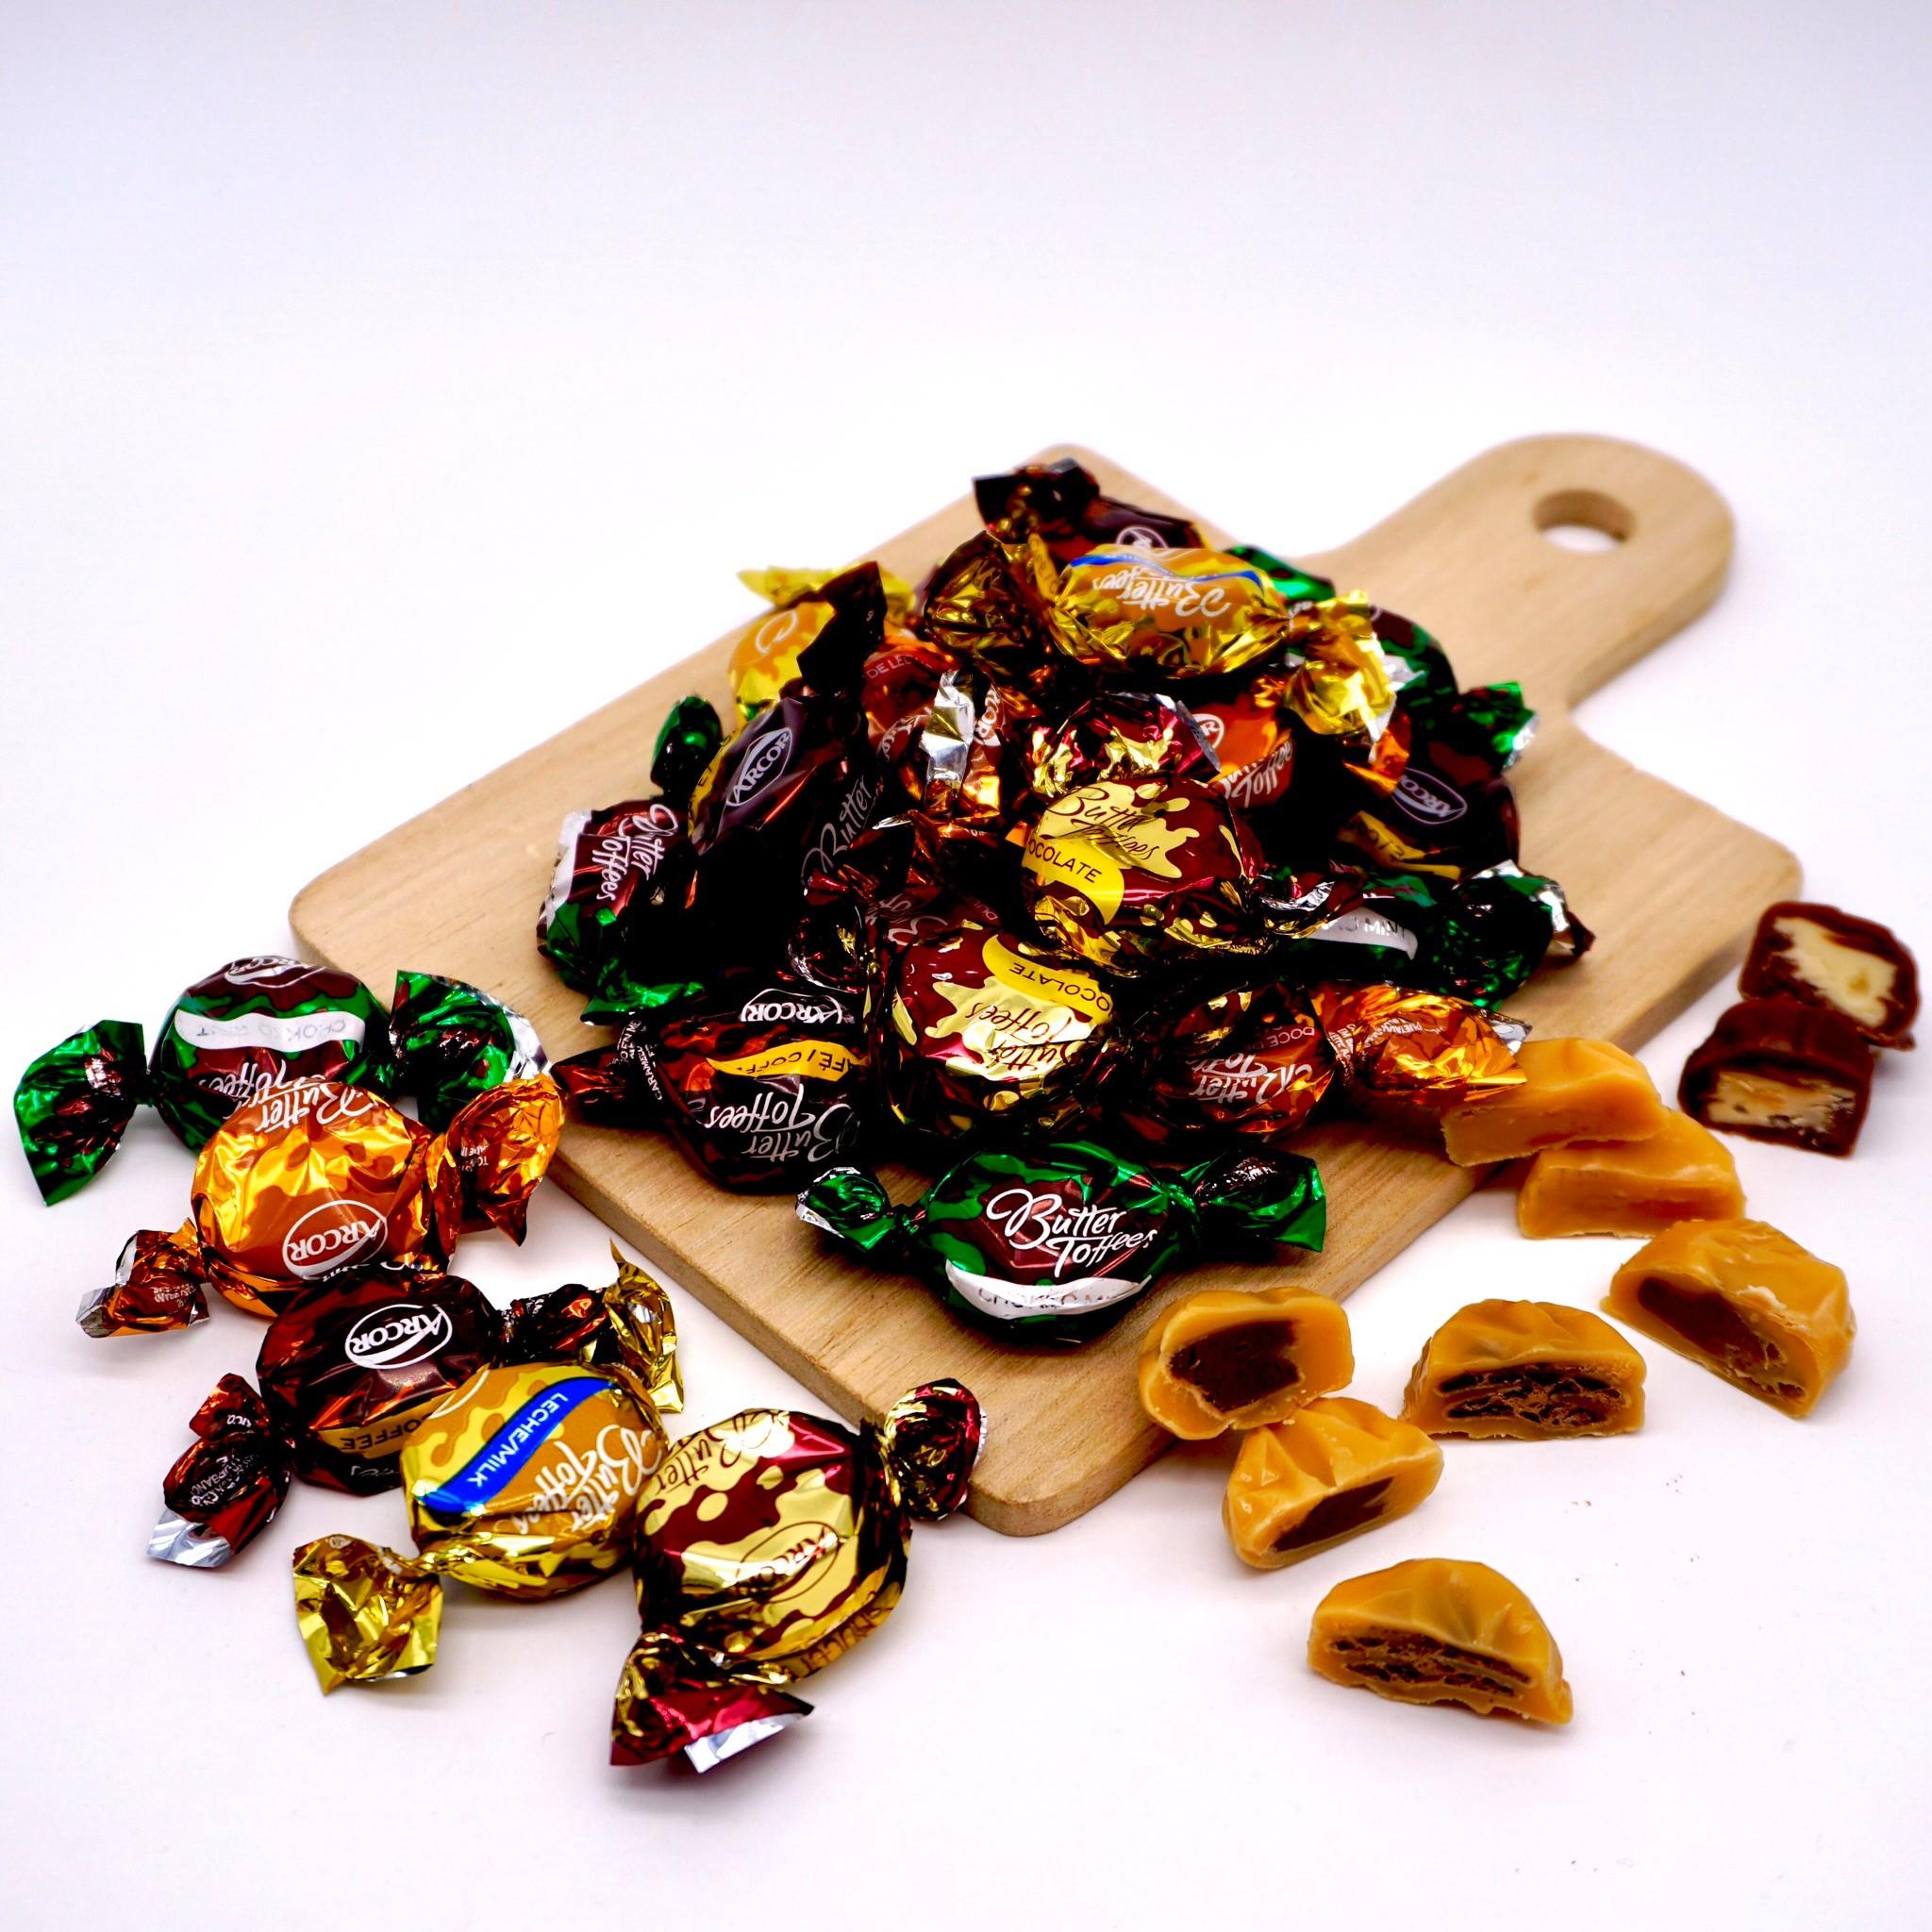 嘴甜甜 ARCOR太妃糖 太妃糖 奶油糖 牛奶糖 鮮乳糖 焦糖 可可 咖啡 薄荷 香草 素食 現貨